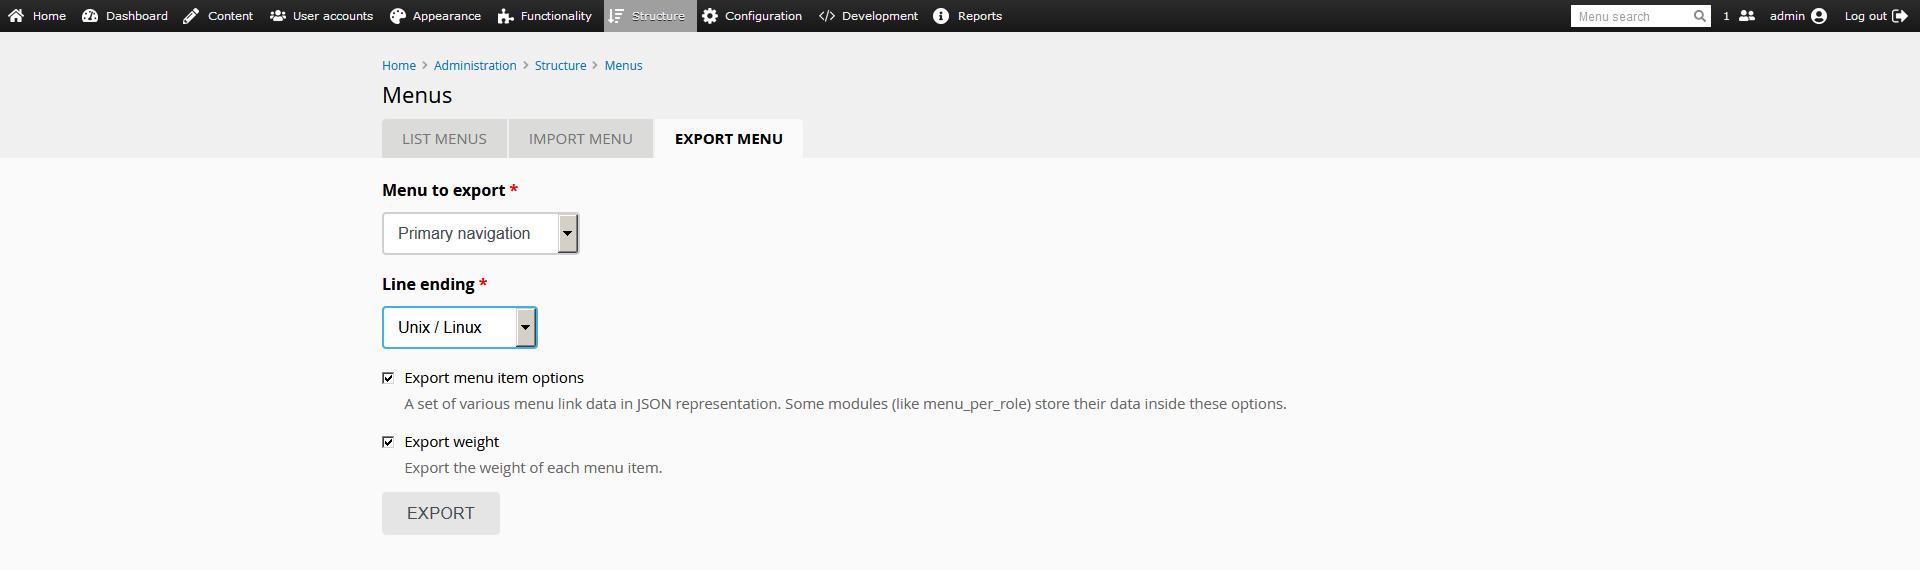 menu export screenshot